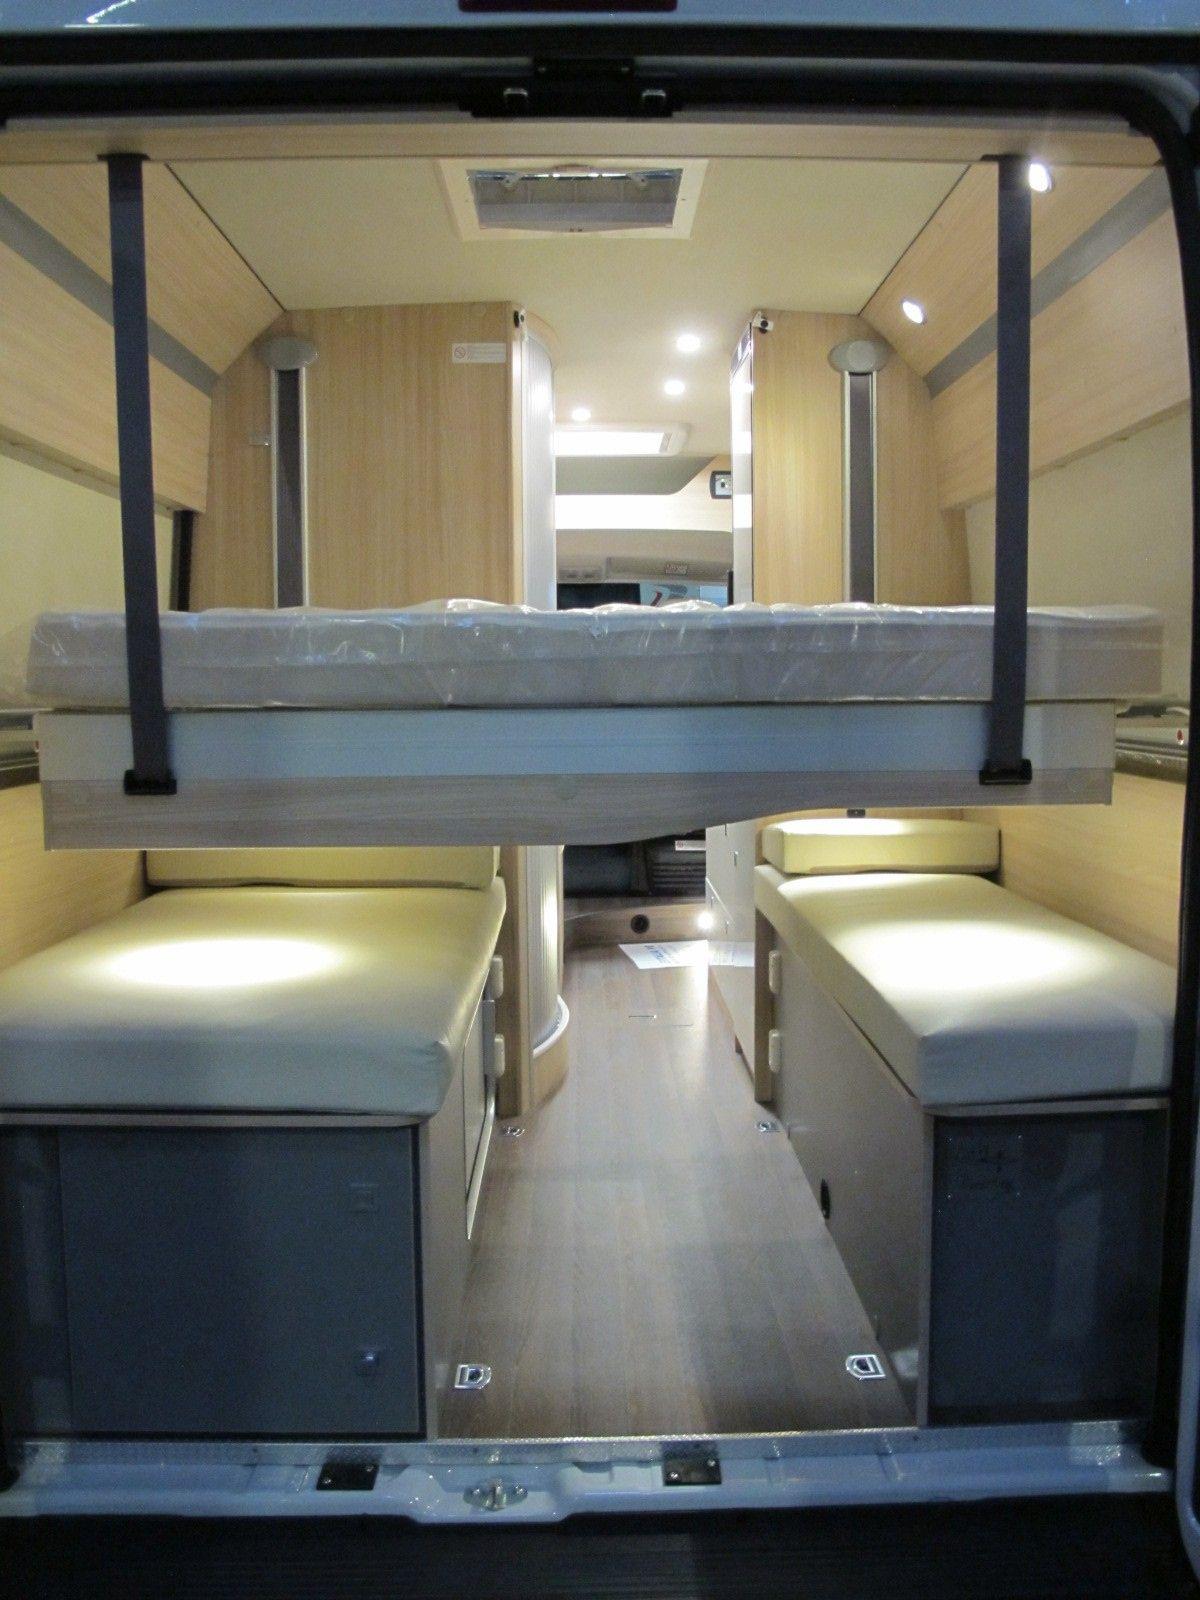 Camper Letto Matrimoniale Posteriore.Burstner Citycar C 601 Camper Furgonato 4 Posti Con Letto